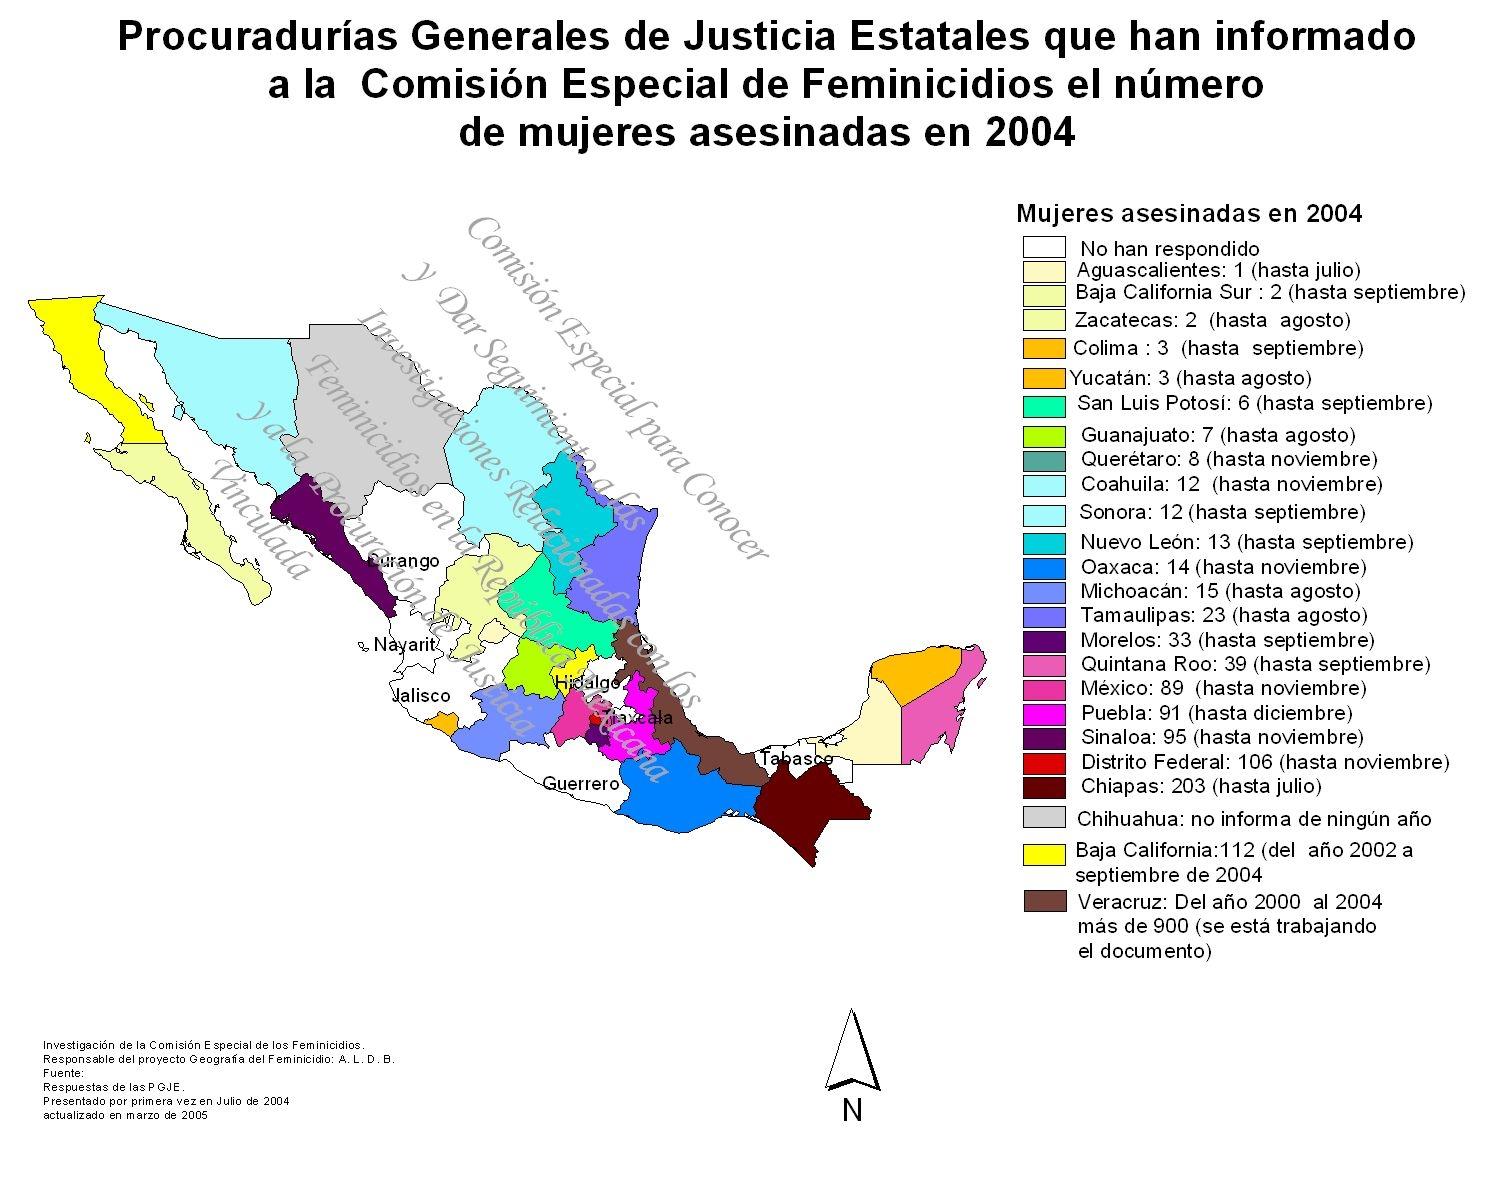 GEOGRAFÍA DEL FEMINICIDIO EN LA REPÚBLICA MEXICANA